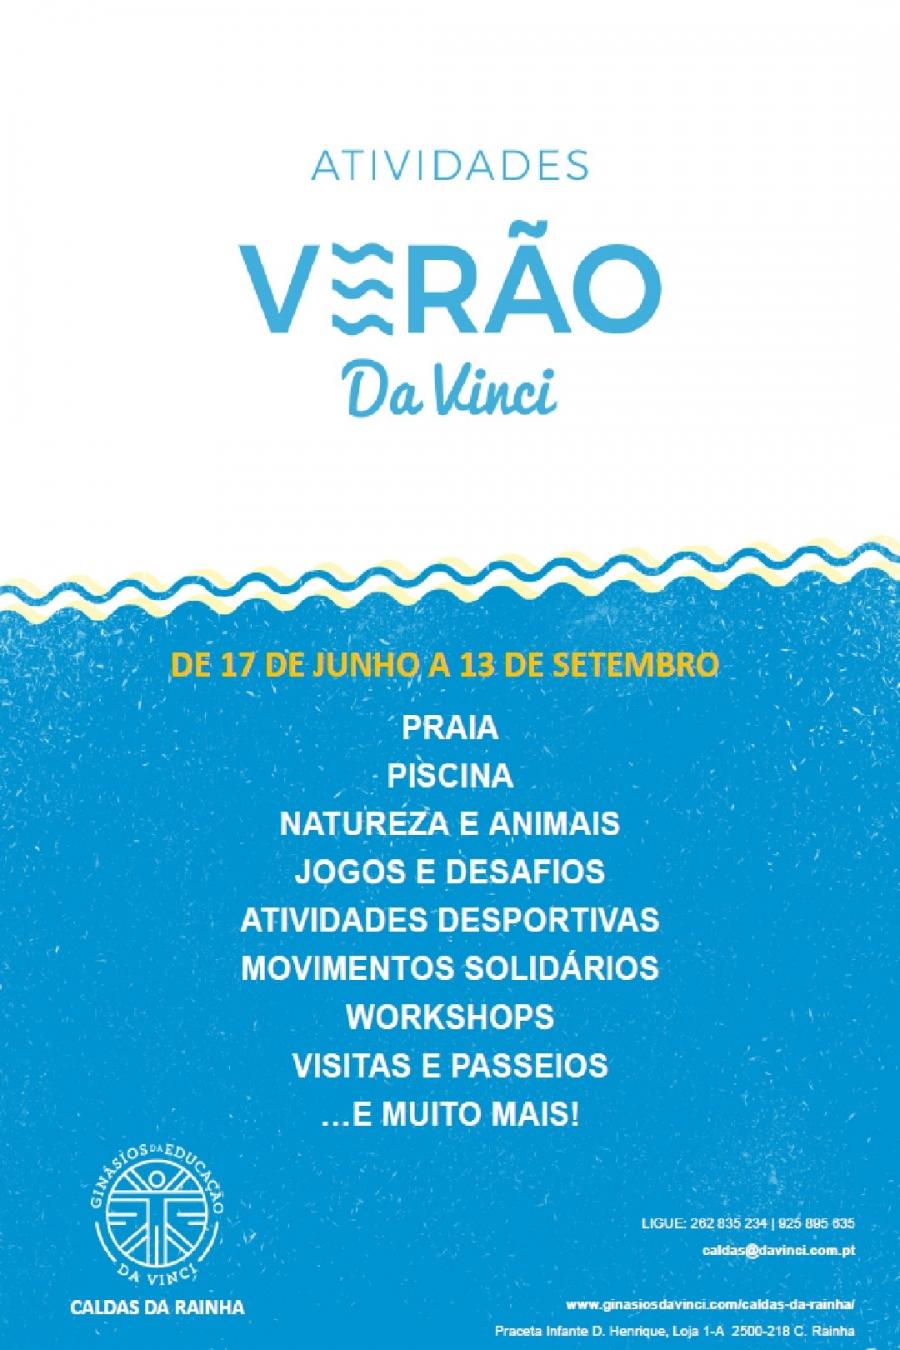 Actividades de Verão Da Vinci